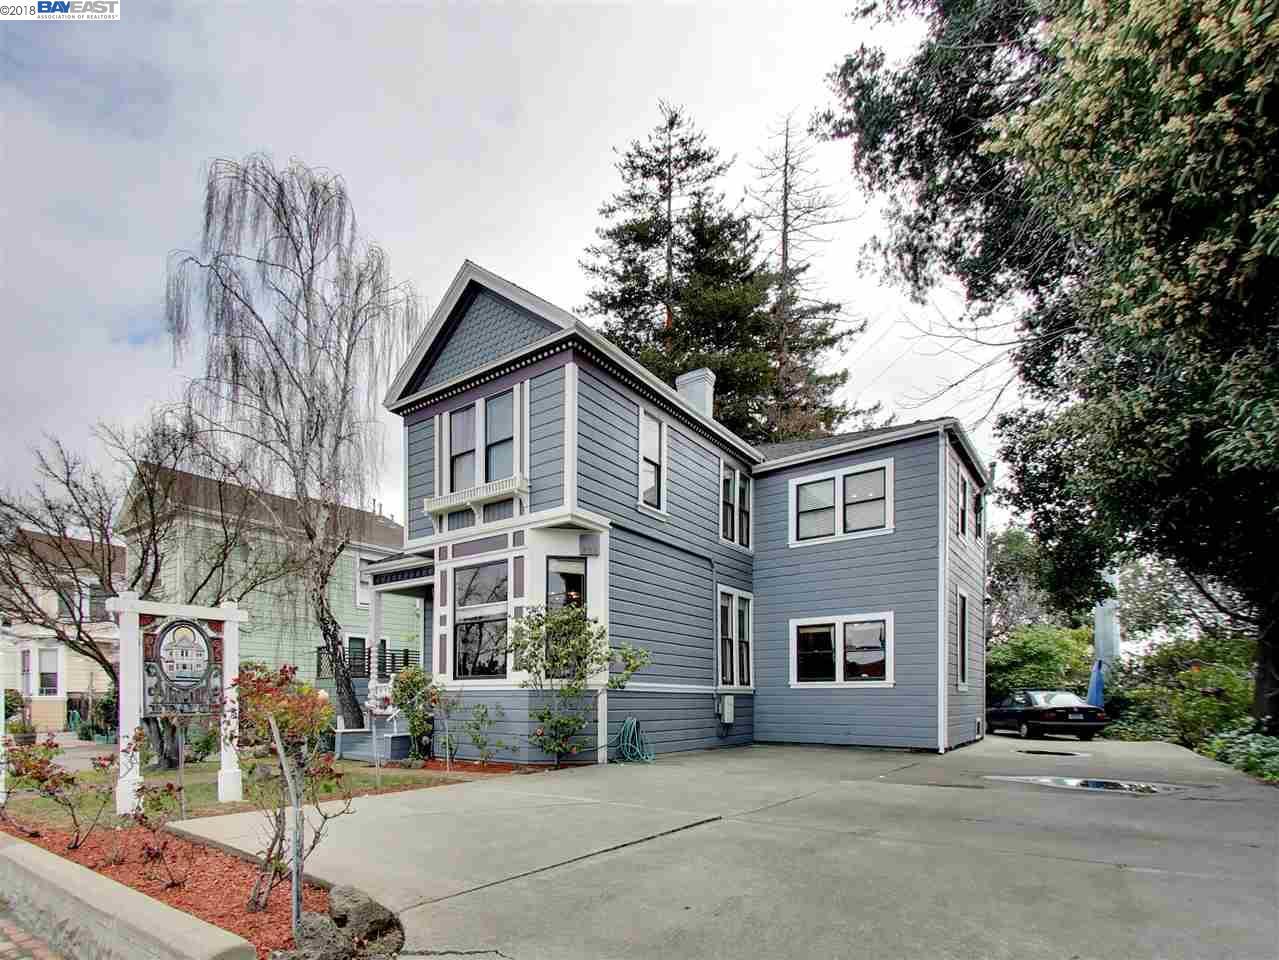 多戶家庭房屋 為 出售 在 1902 Broadway 1902 Broadway Alameda, 加利福尼亞州 94501 美國